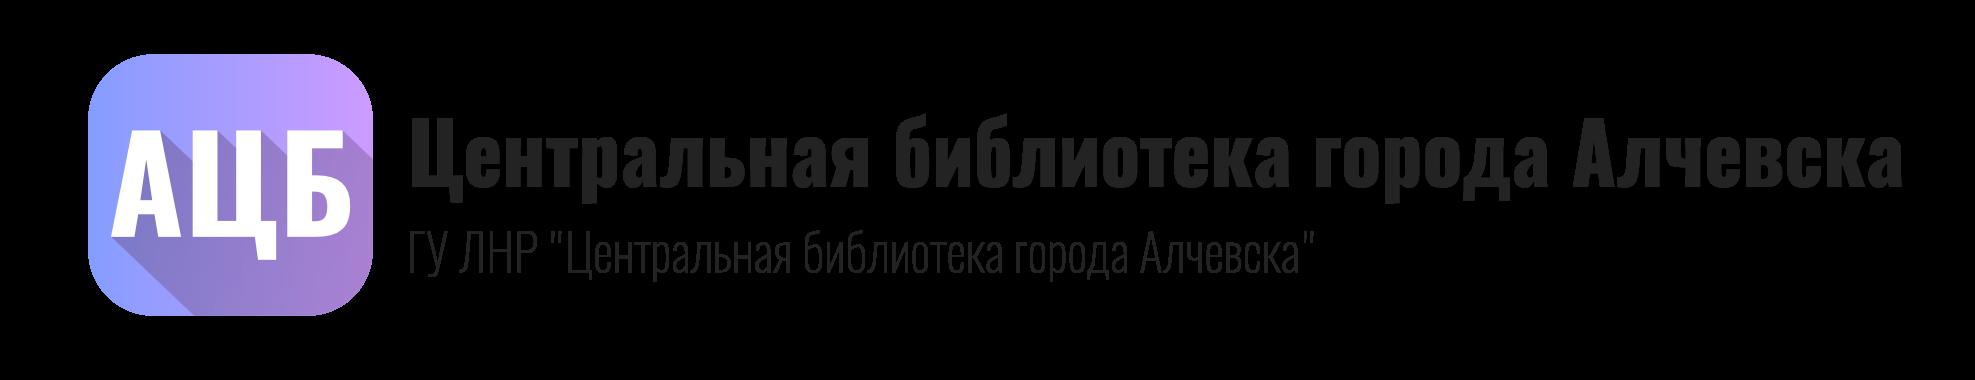 Центральная библиотека города Алчевска